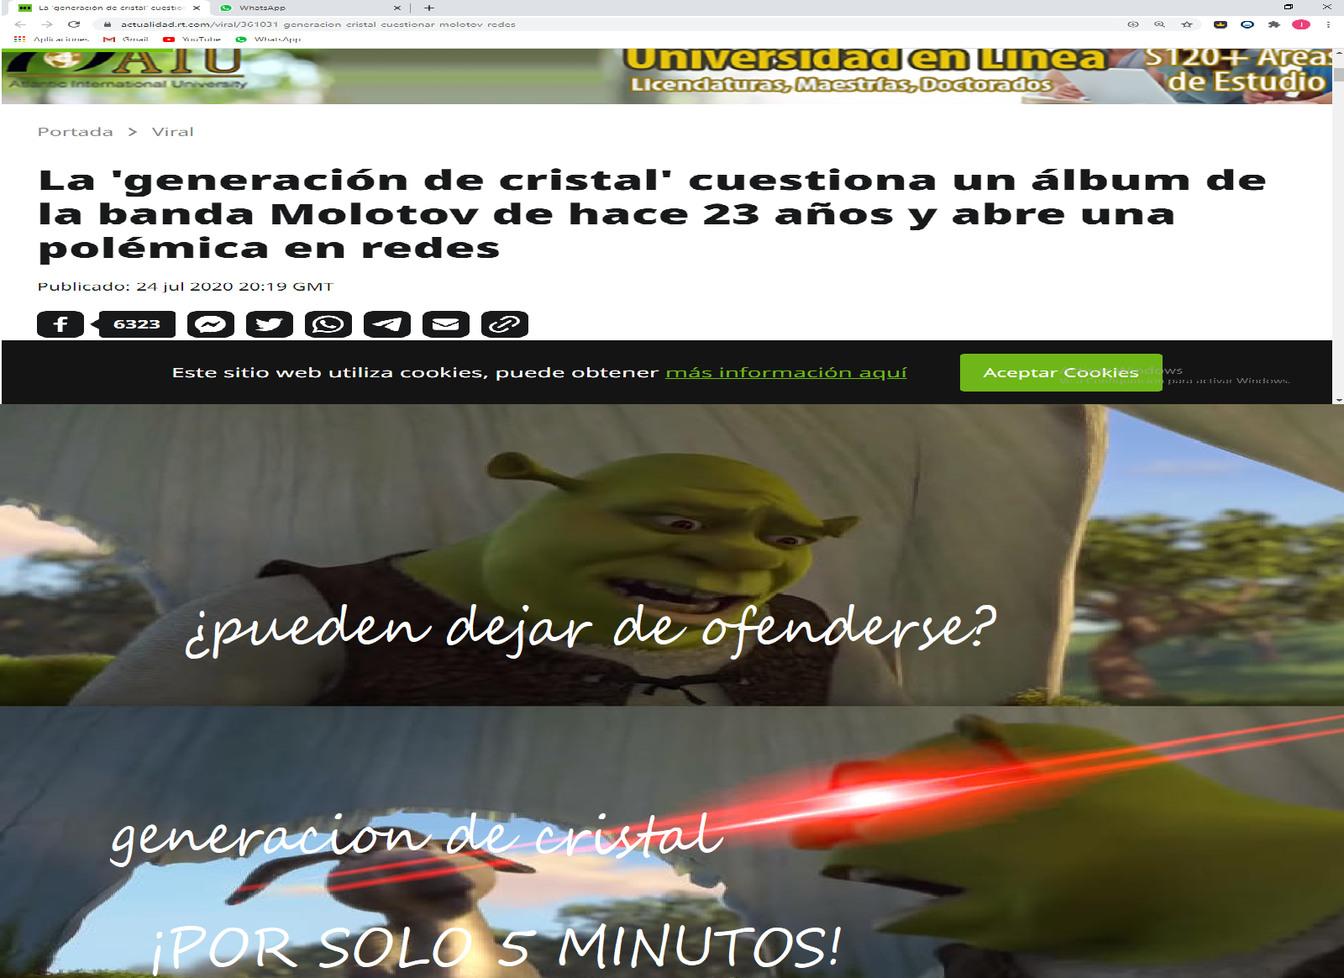 ¡UN ALBUM QUE SALIO HACE 23 AÑOS! - meme